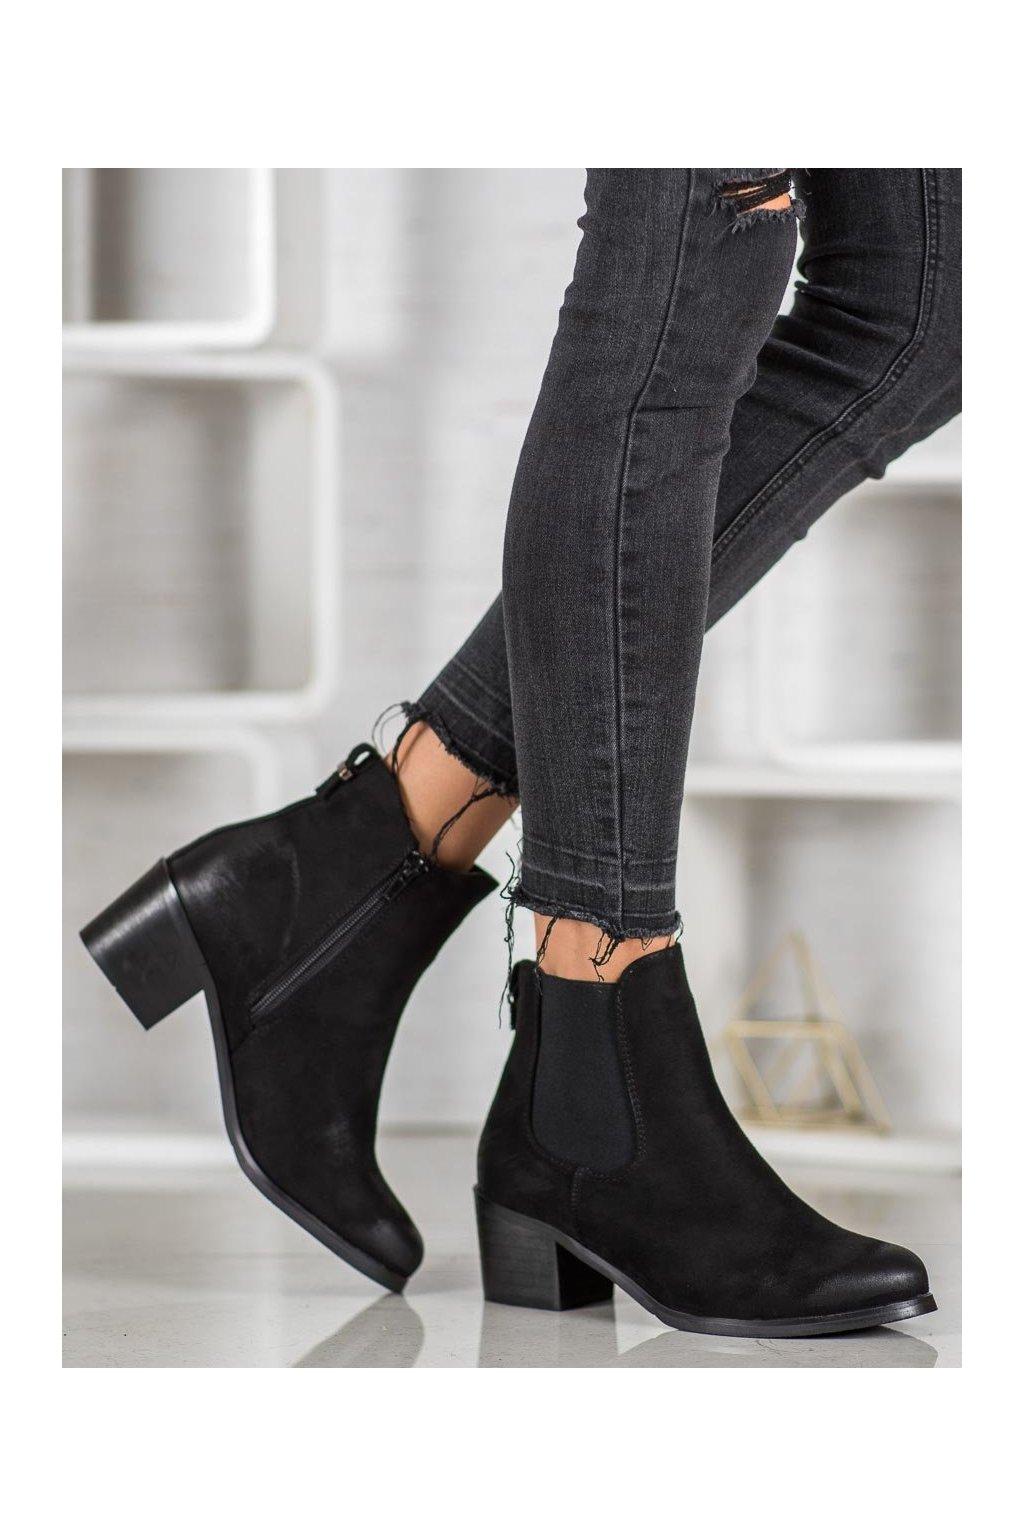 Čierne dámske topánky Goodin kod GD-DS-07A-B